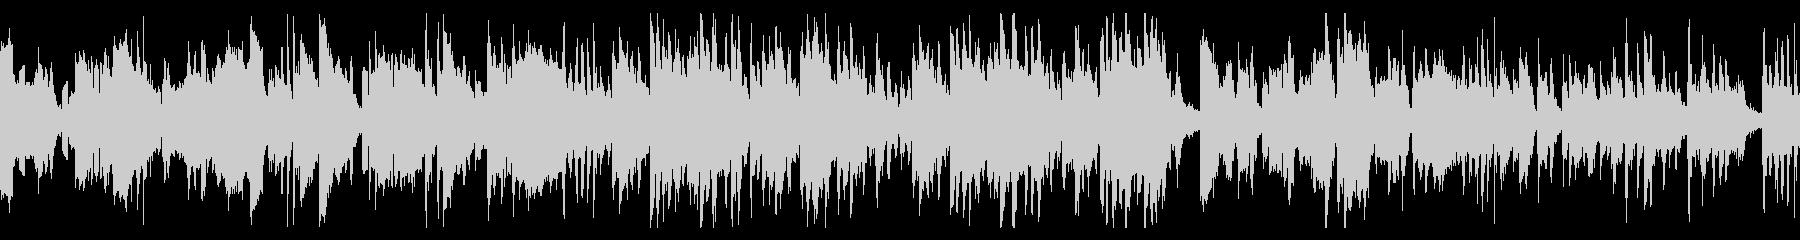 和やかな日常系バラードの未再生の波形